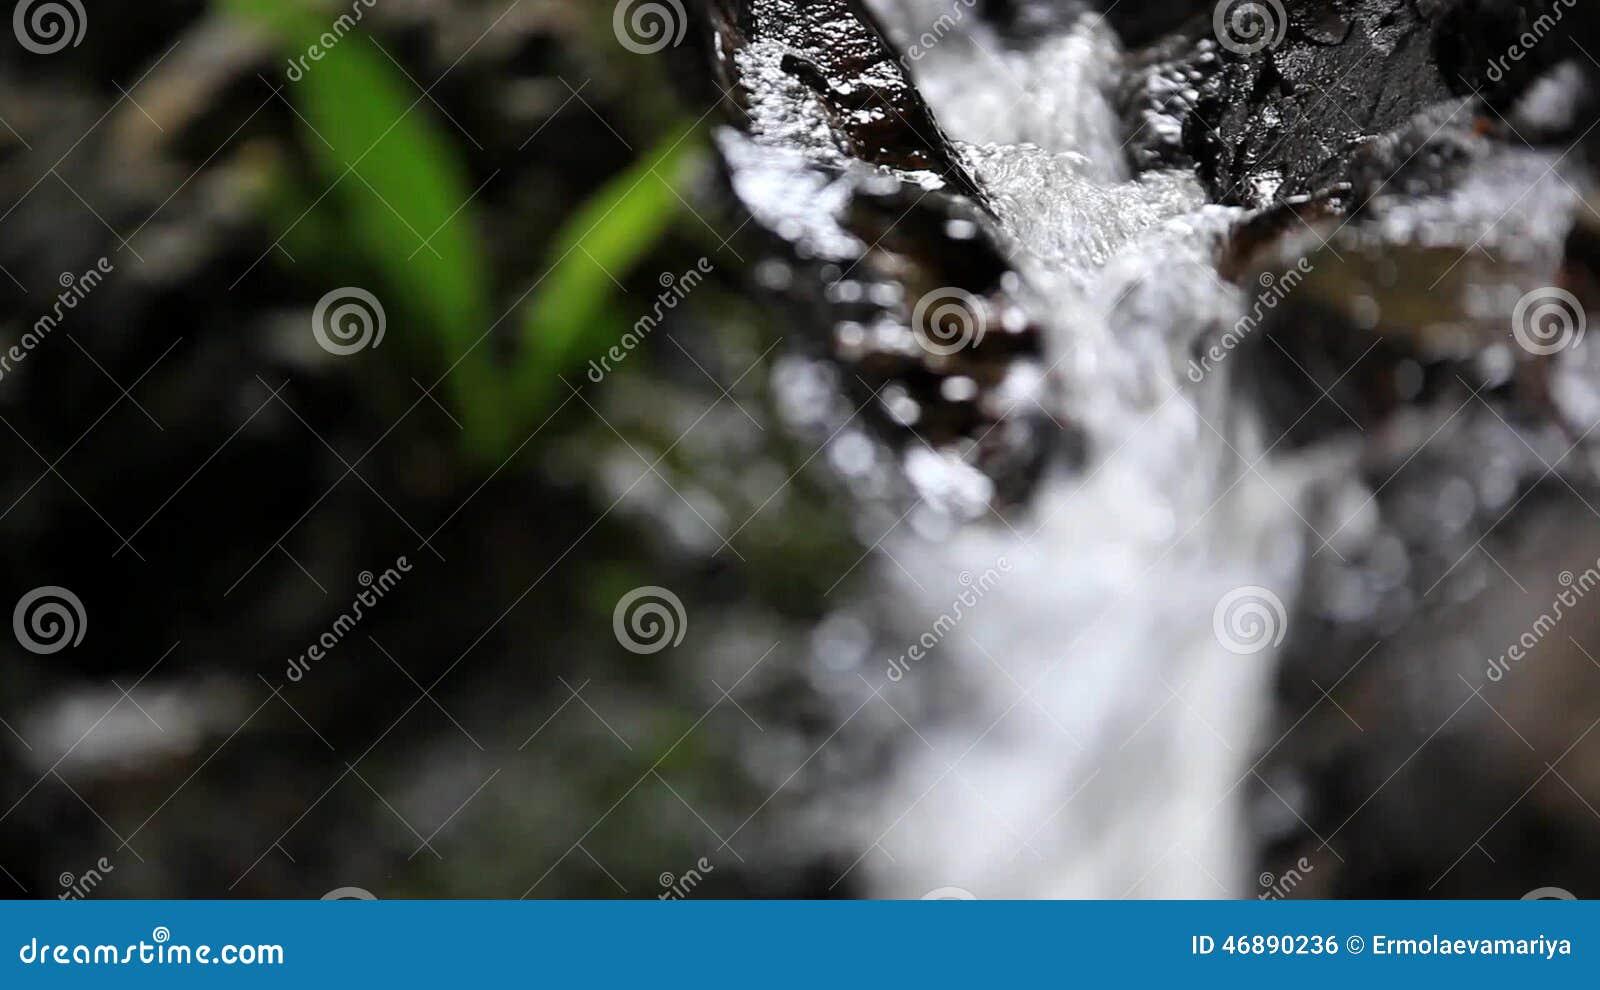 schwarze frauen enge muschi